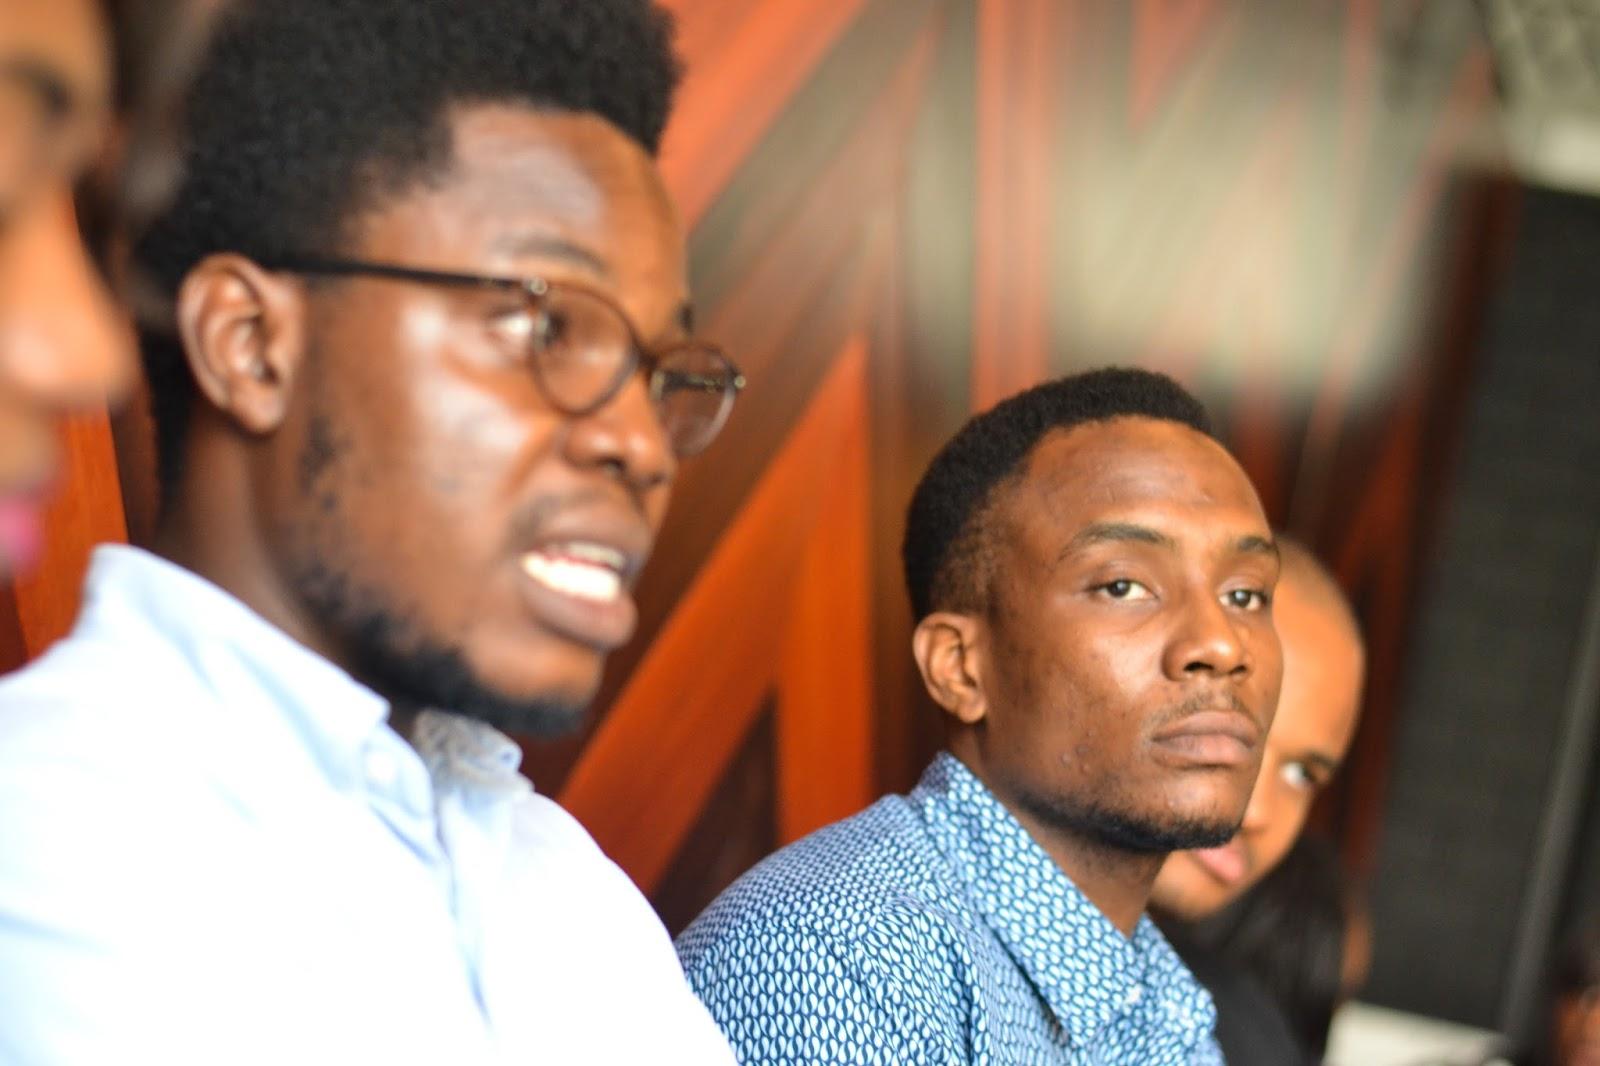 Henri Uduku & Ifeanyi Okafor Male Nigerian Bloggers